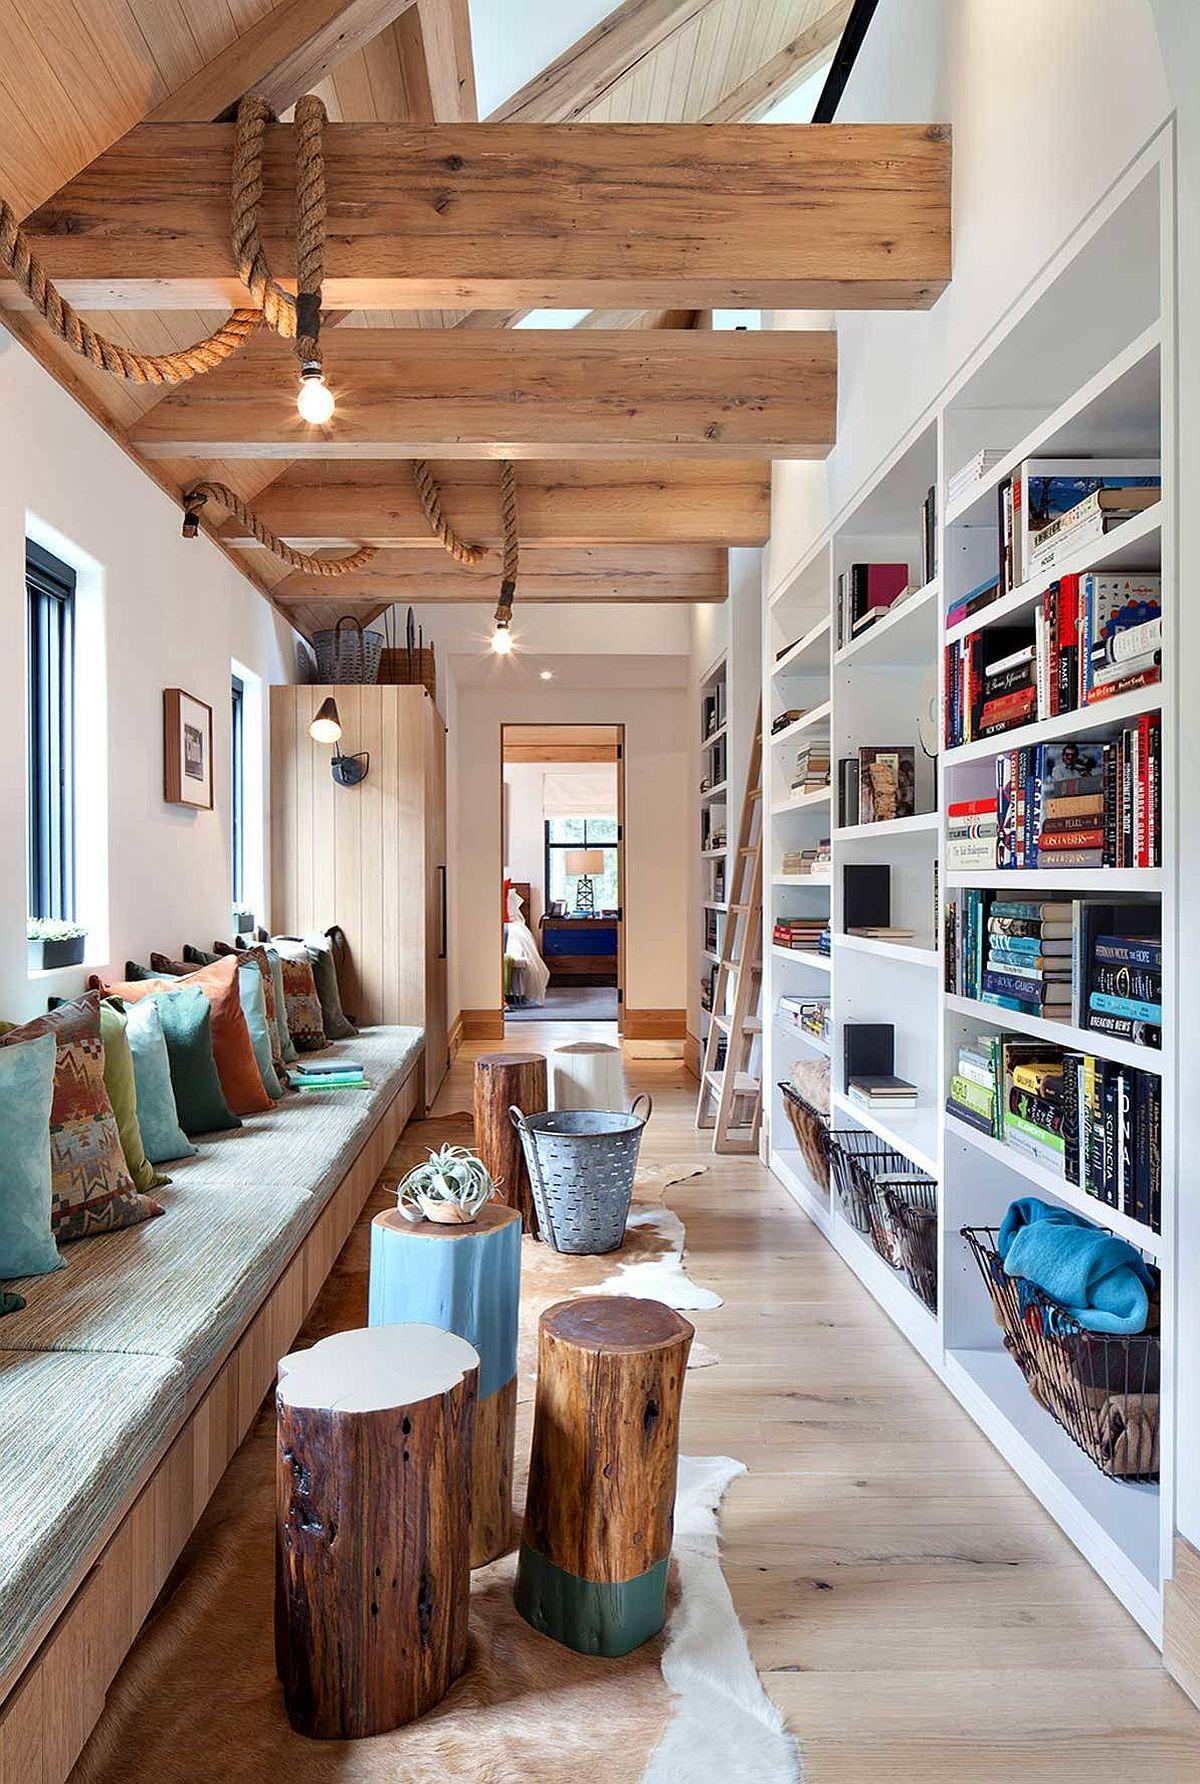 Hành lang mộc mạc đóng vai trò là không gian hoàn hảo để nghỉ ngơi, thư giãn và đọc cuốn sách yêu thích của bạn!